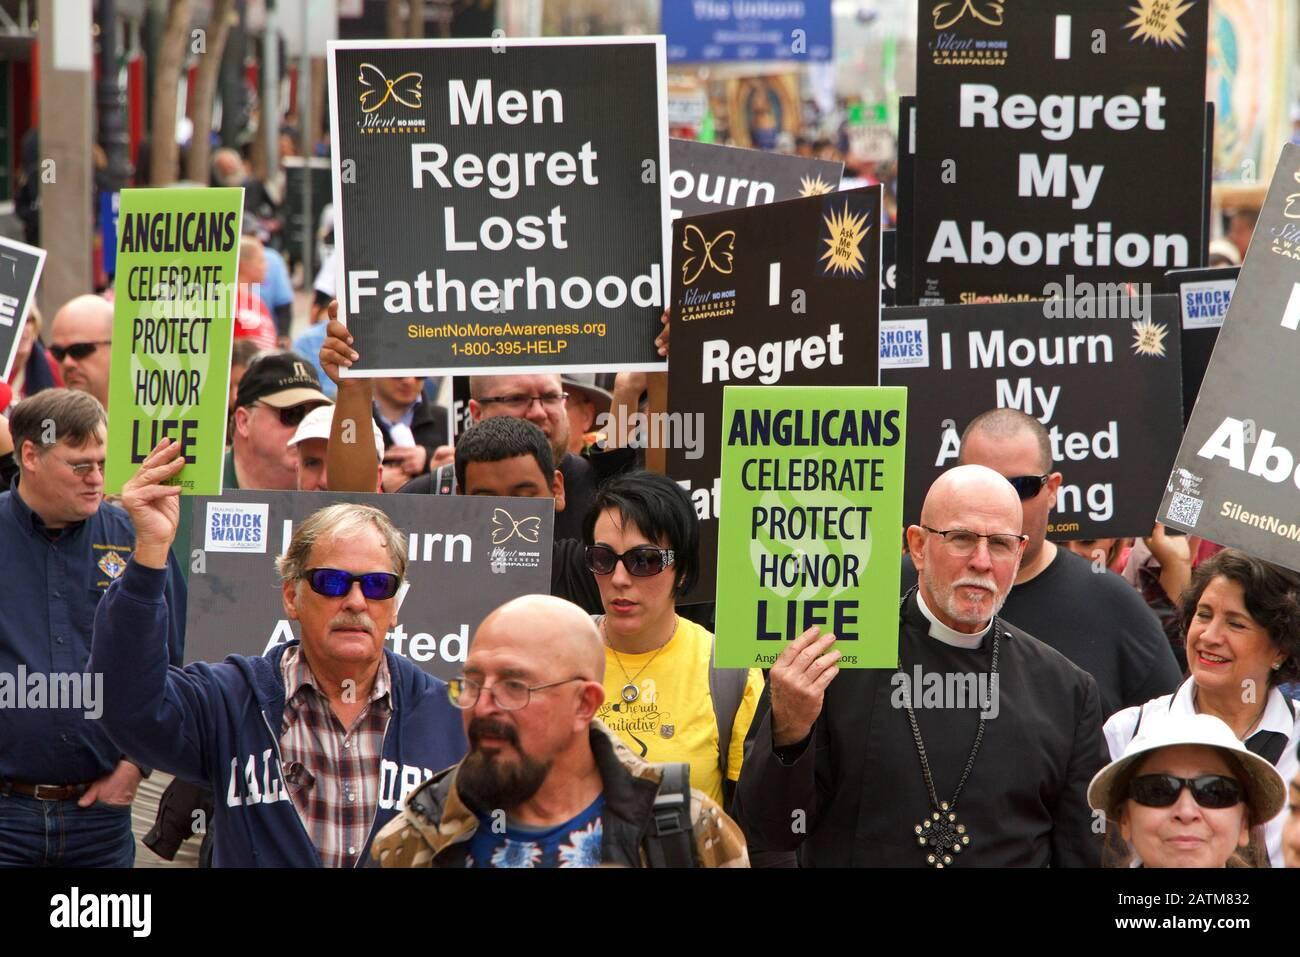 San Francisco, CA - 25 de enero de 2020: Participantes no identificados en El 16º Paseo anual por la vida marchando por Market Street sosteniendo señales pro vida y ba Foto de stock